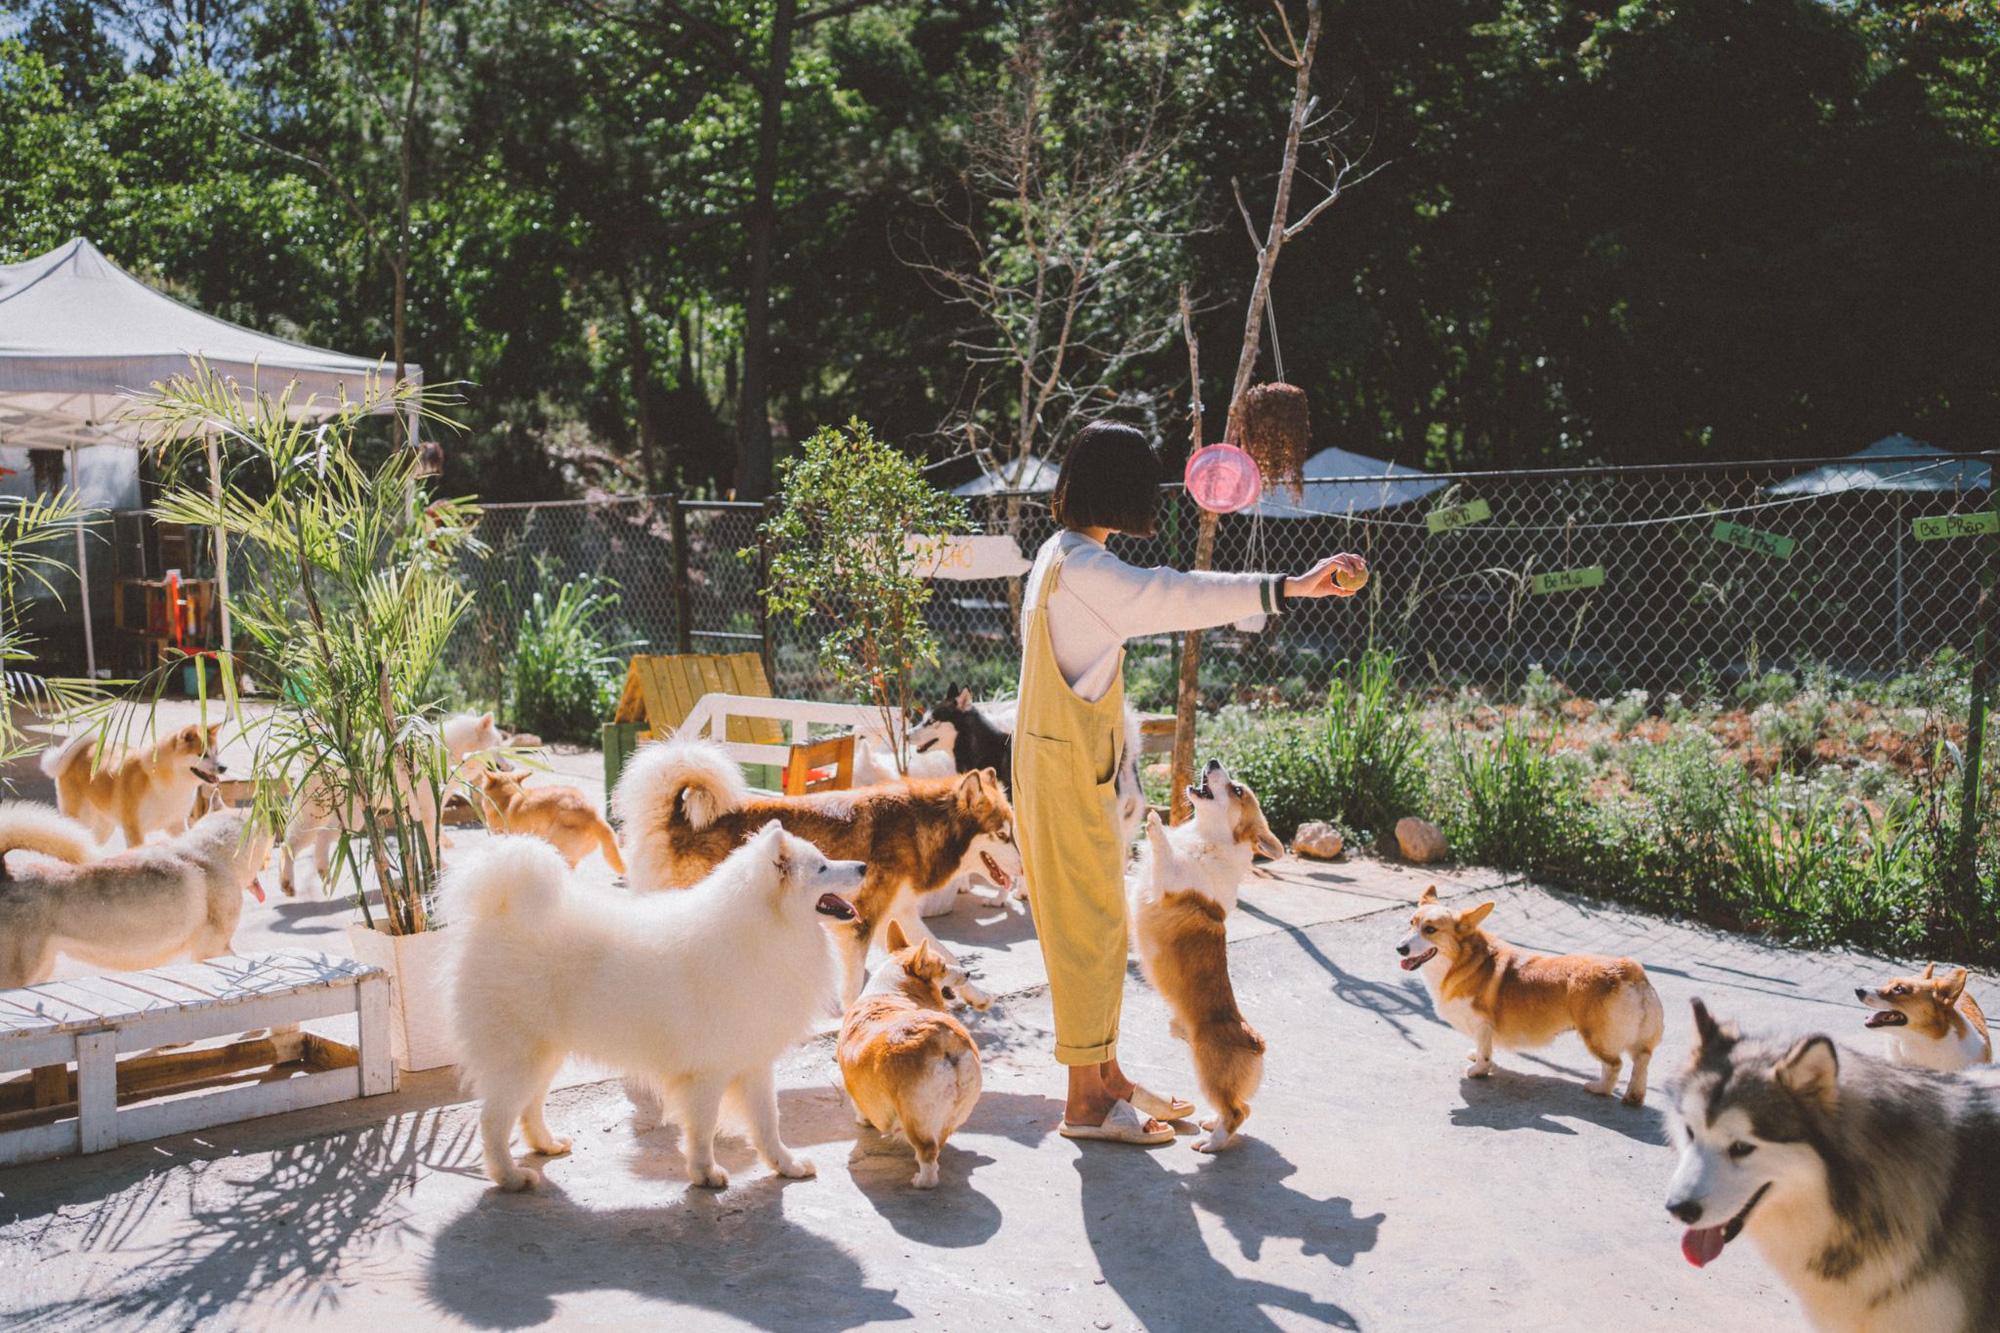 Giấc mơ về Đà Lạt của cặp đôi 9x và khu vườn cún bên bờ suối mộng mơ - Ảnh 4.